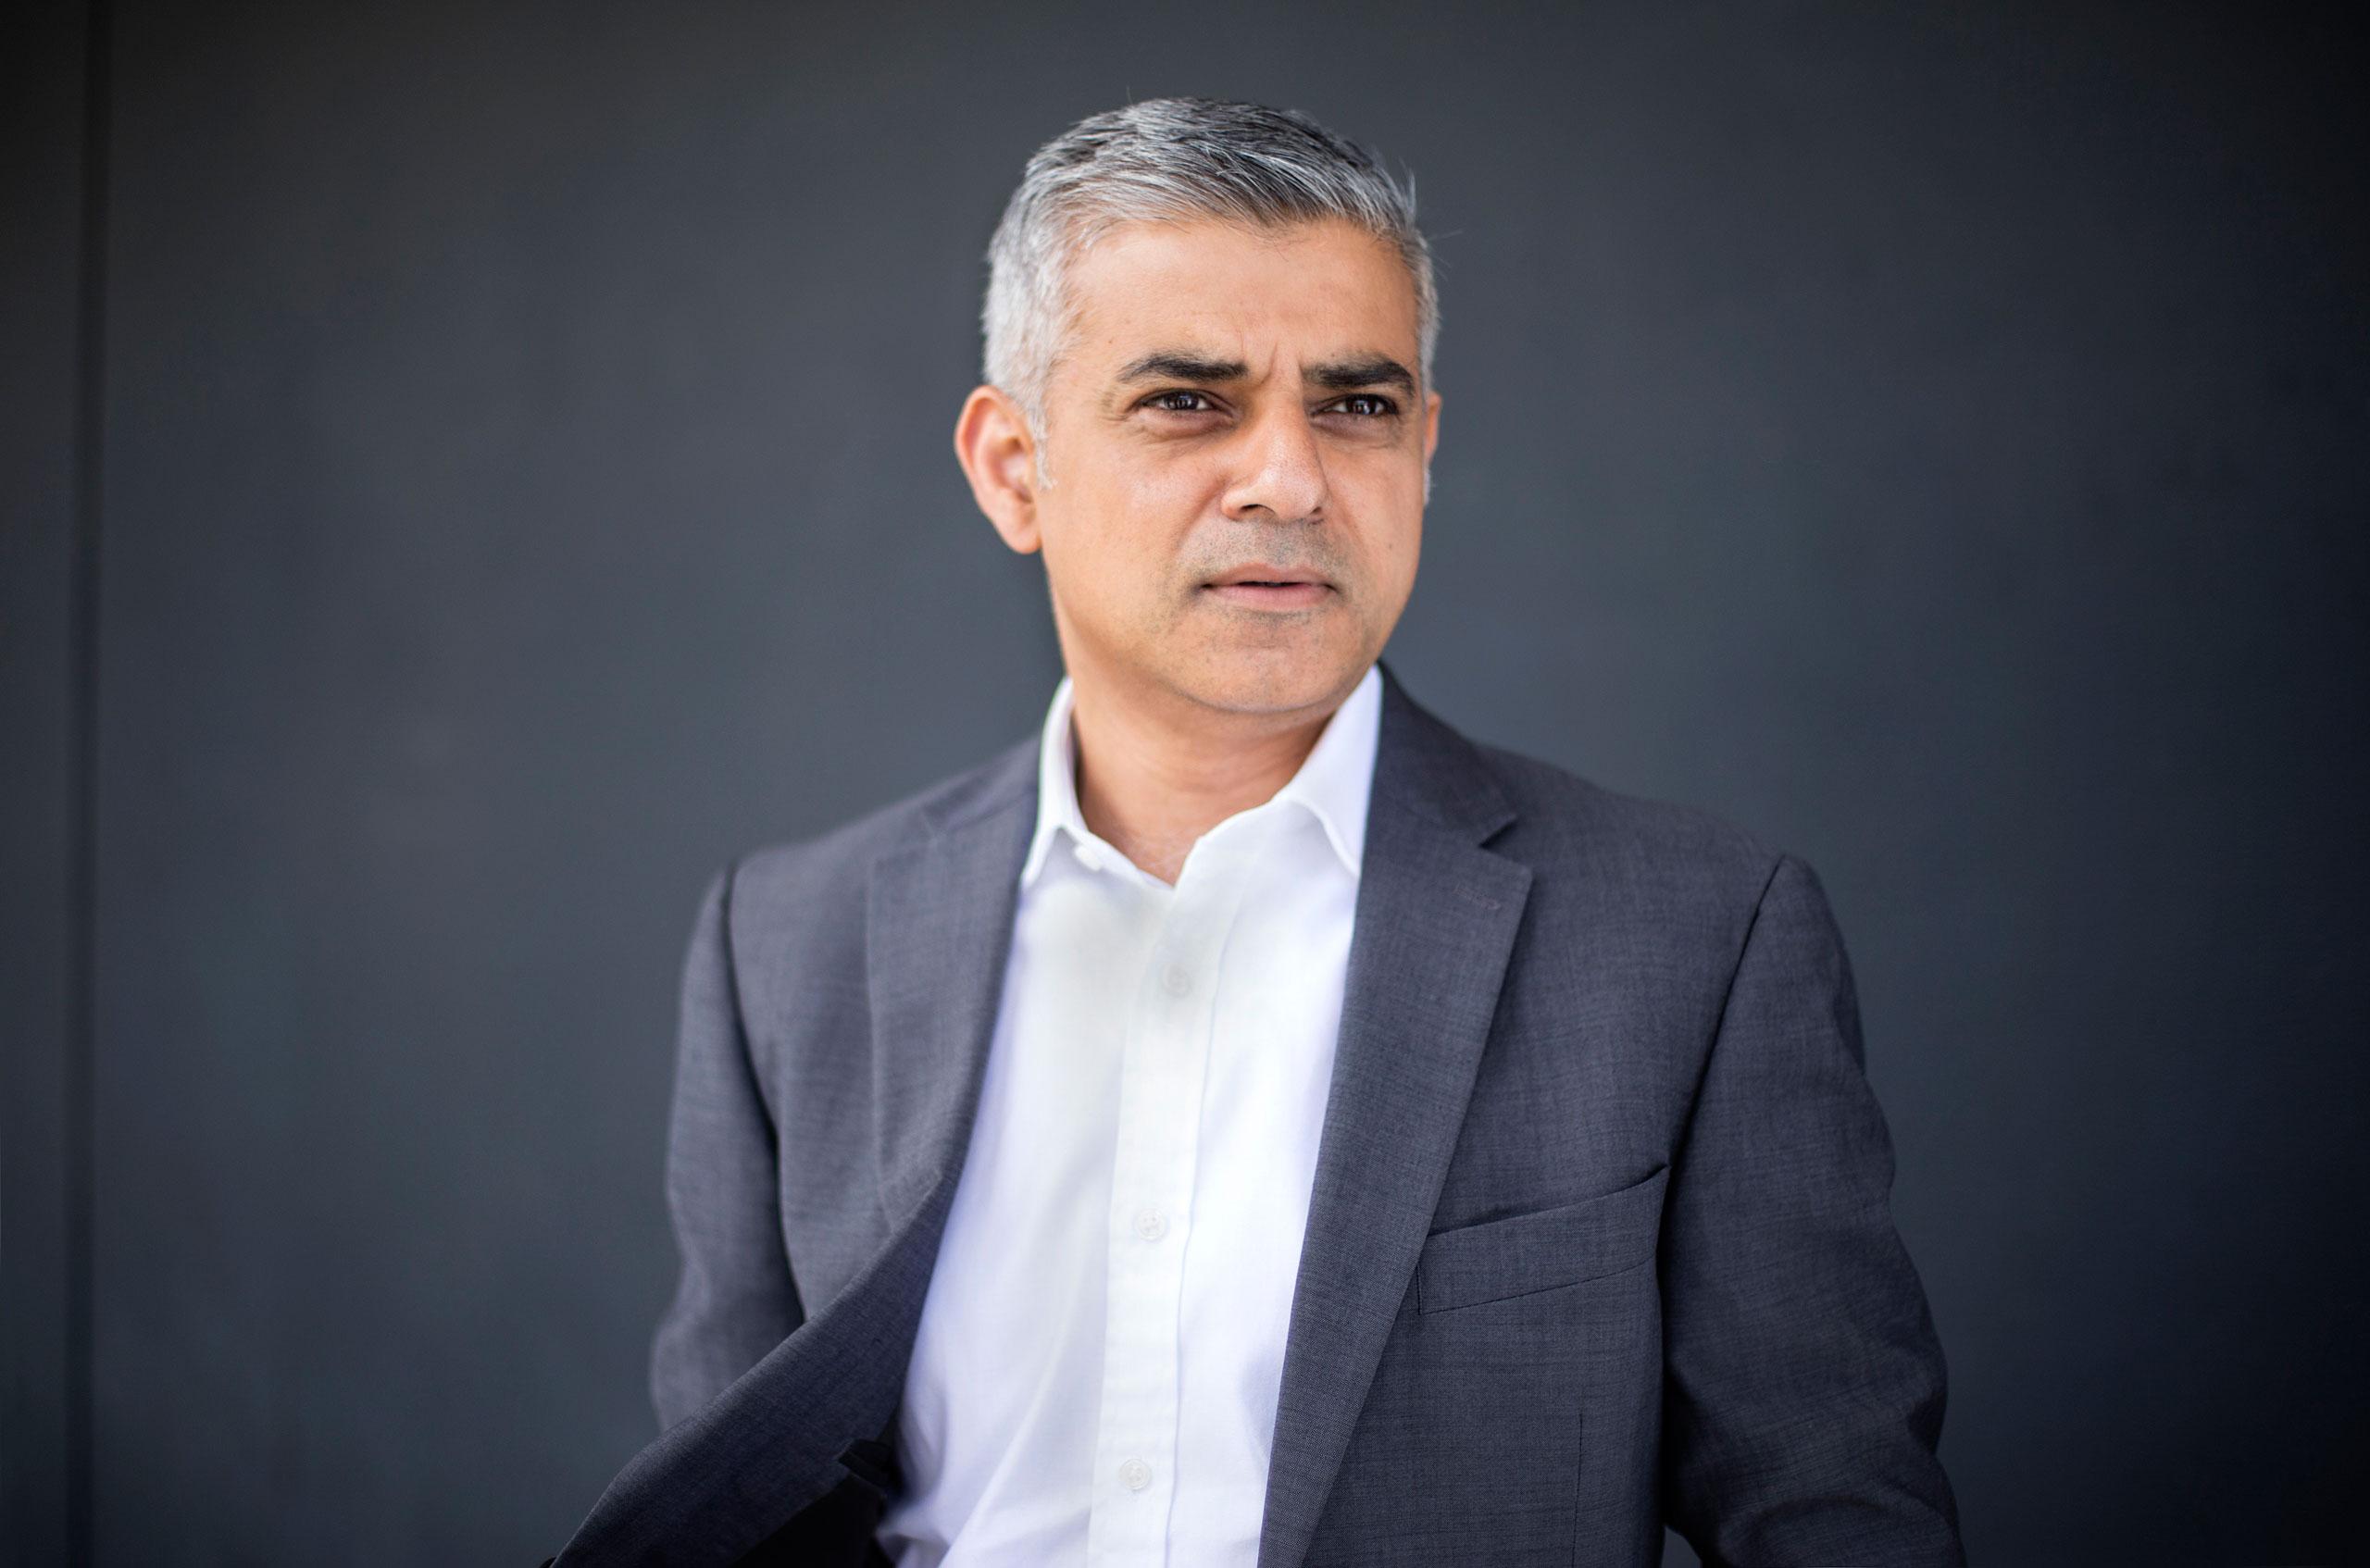 Sadiq Khan, London's newly elected mayor, London, United Kingdom, May 8, 2016.